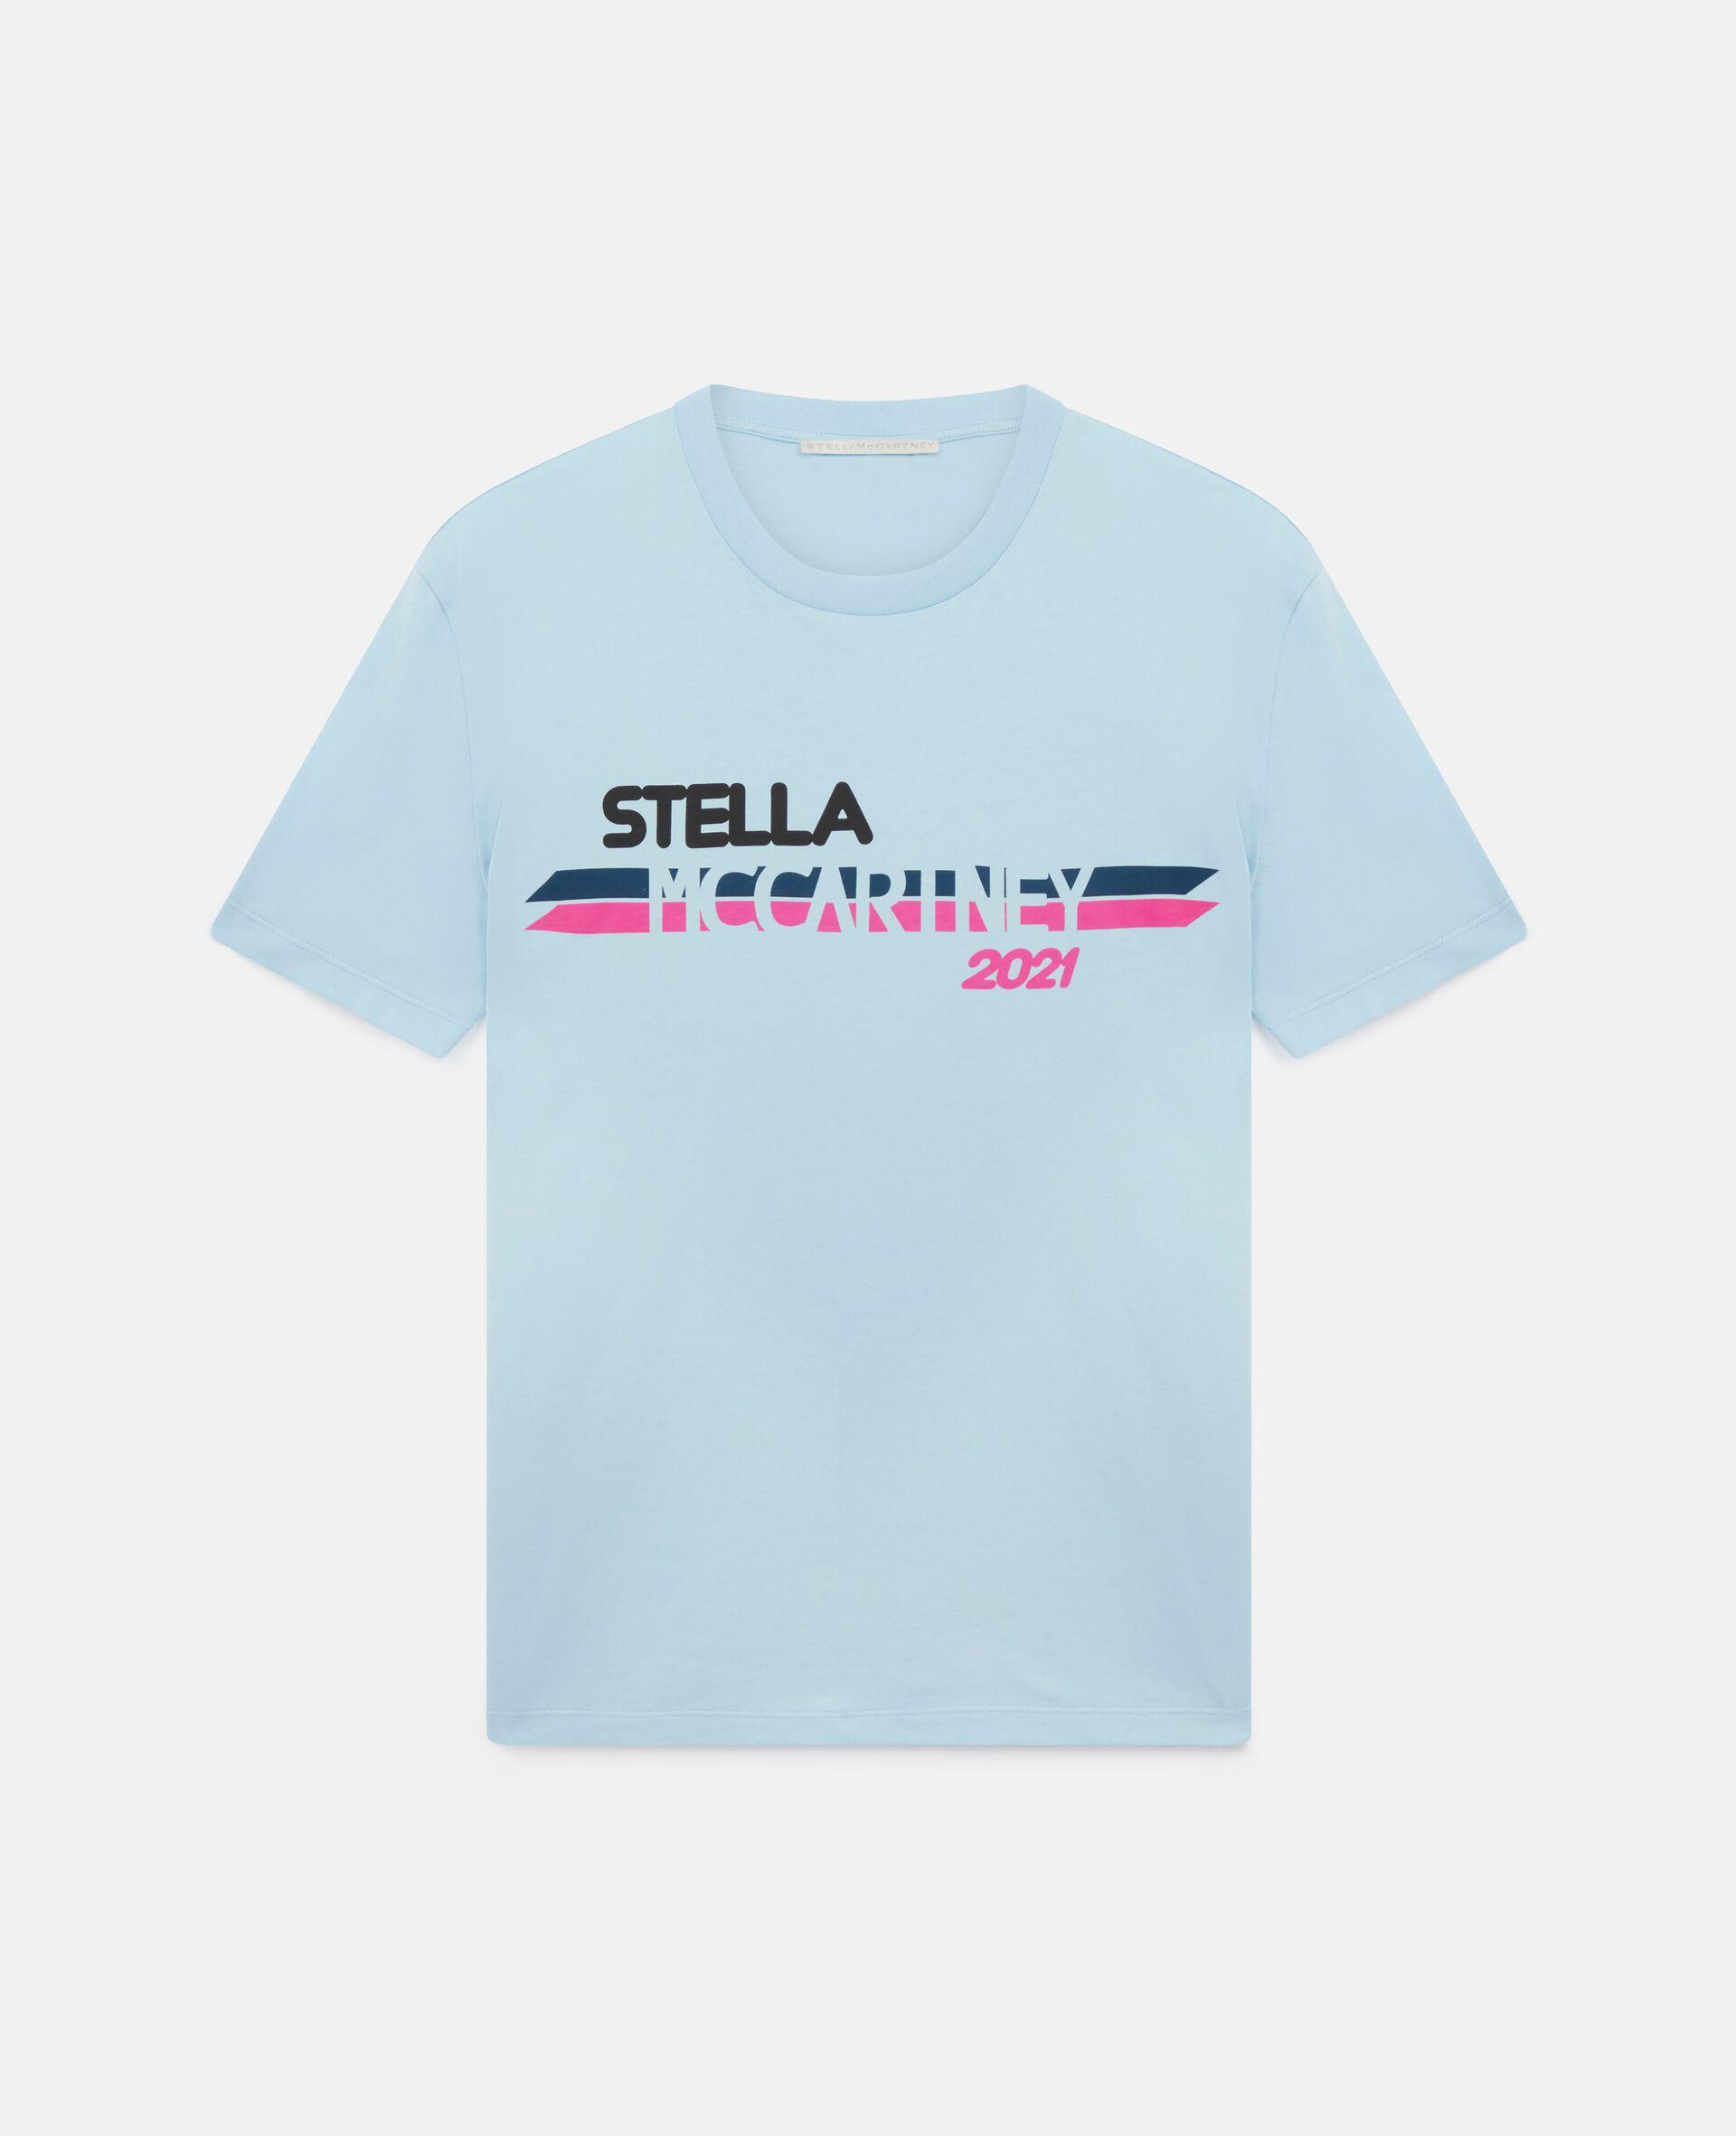 Stella McCartney 2021 T-Shirt mit Logo-Blau-large image number 0